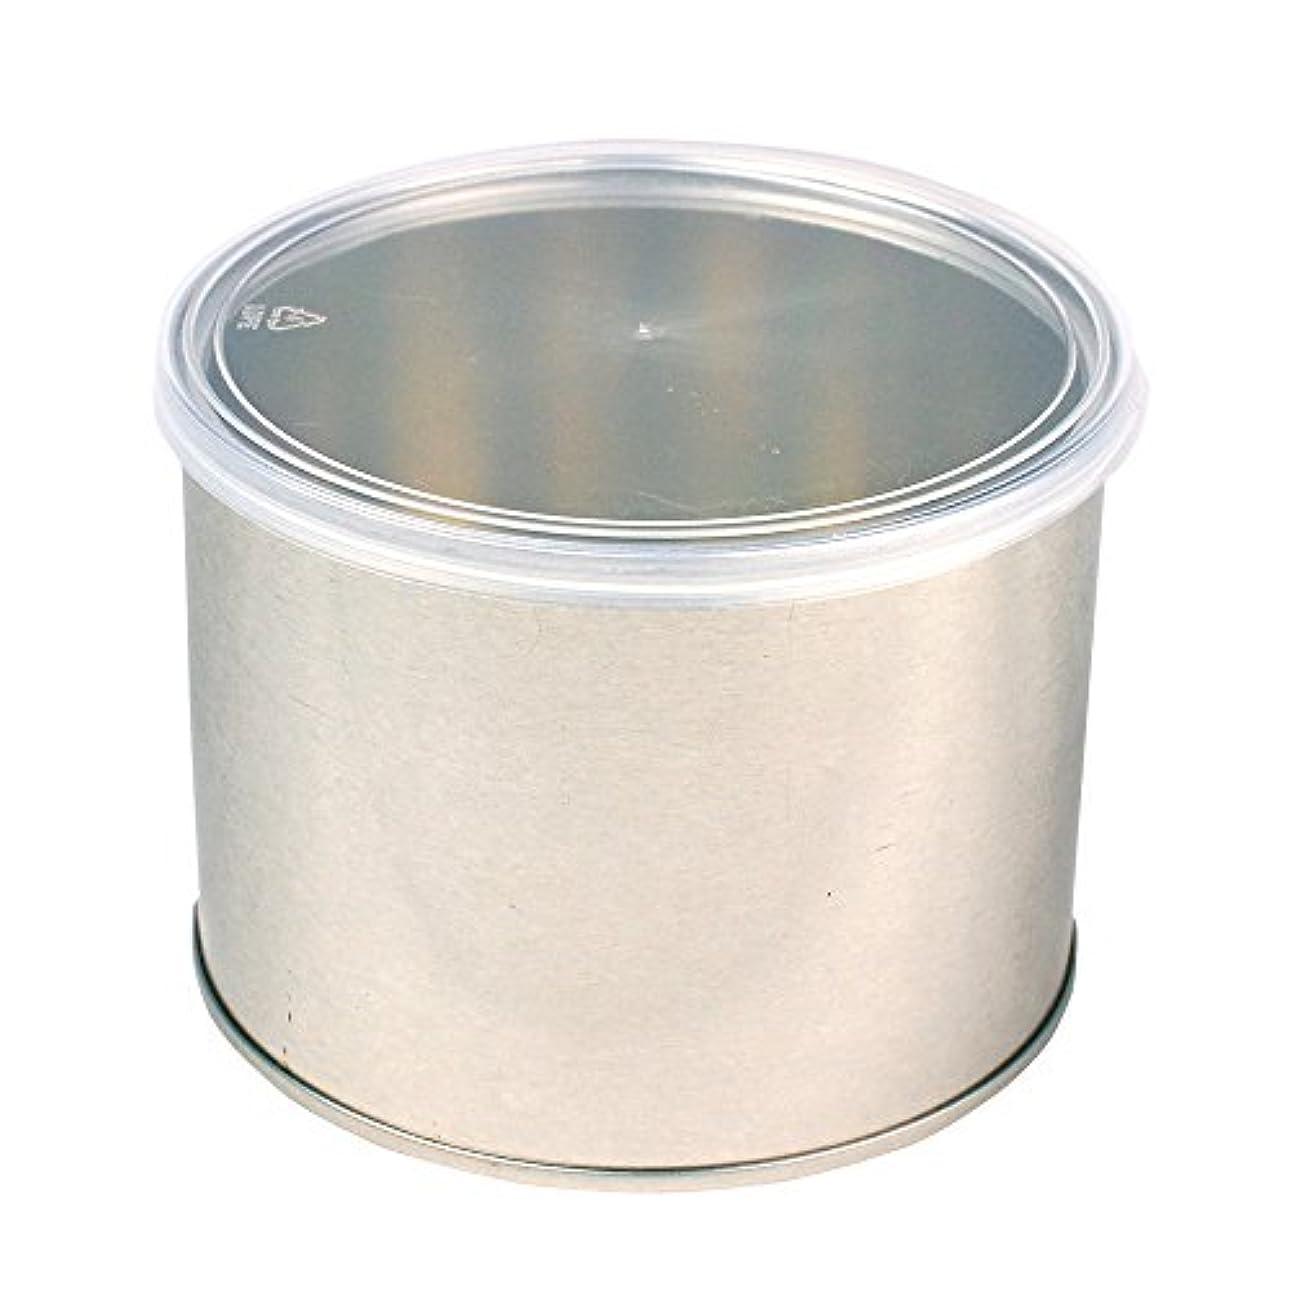 良心的方法論休みワックス脱毛用スチール缶 ハード?ソフト両用 キャップ付 1個(032-1) ブラジリアンワックス